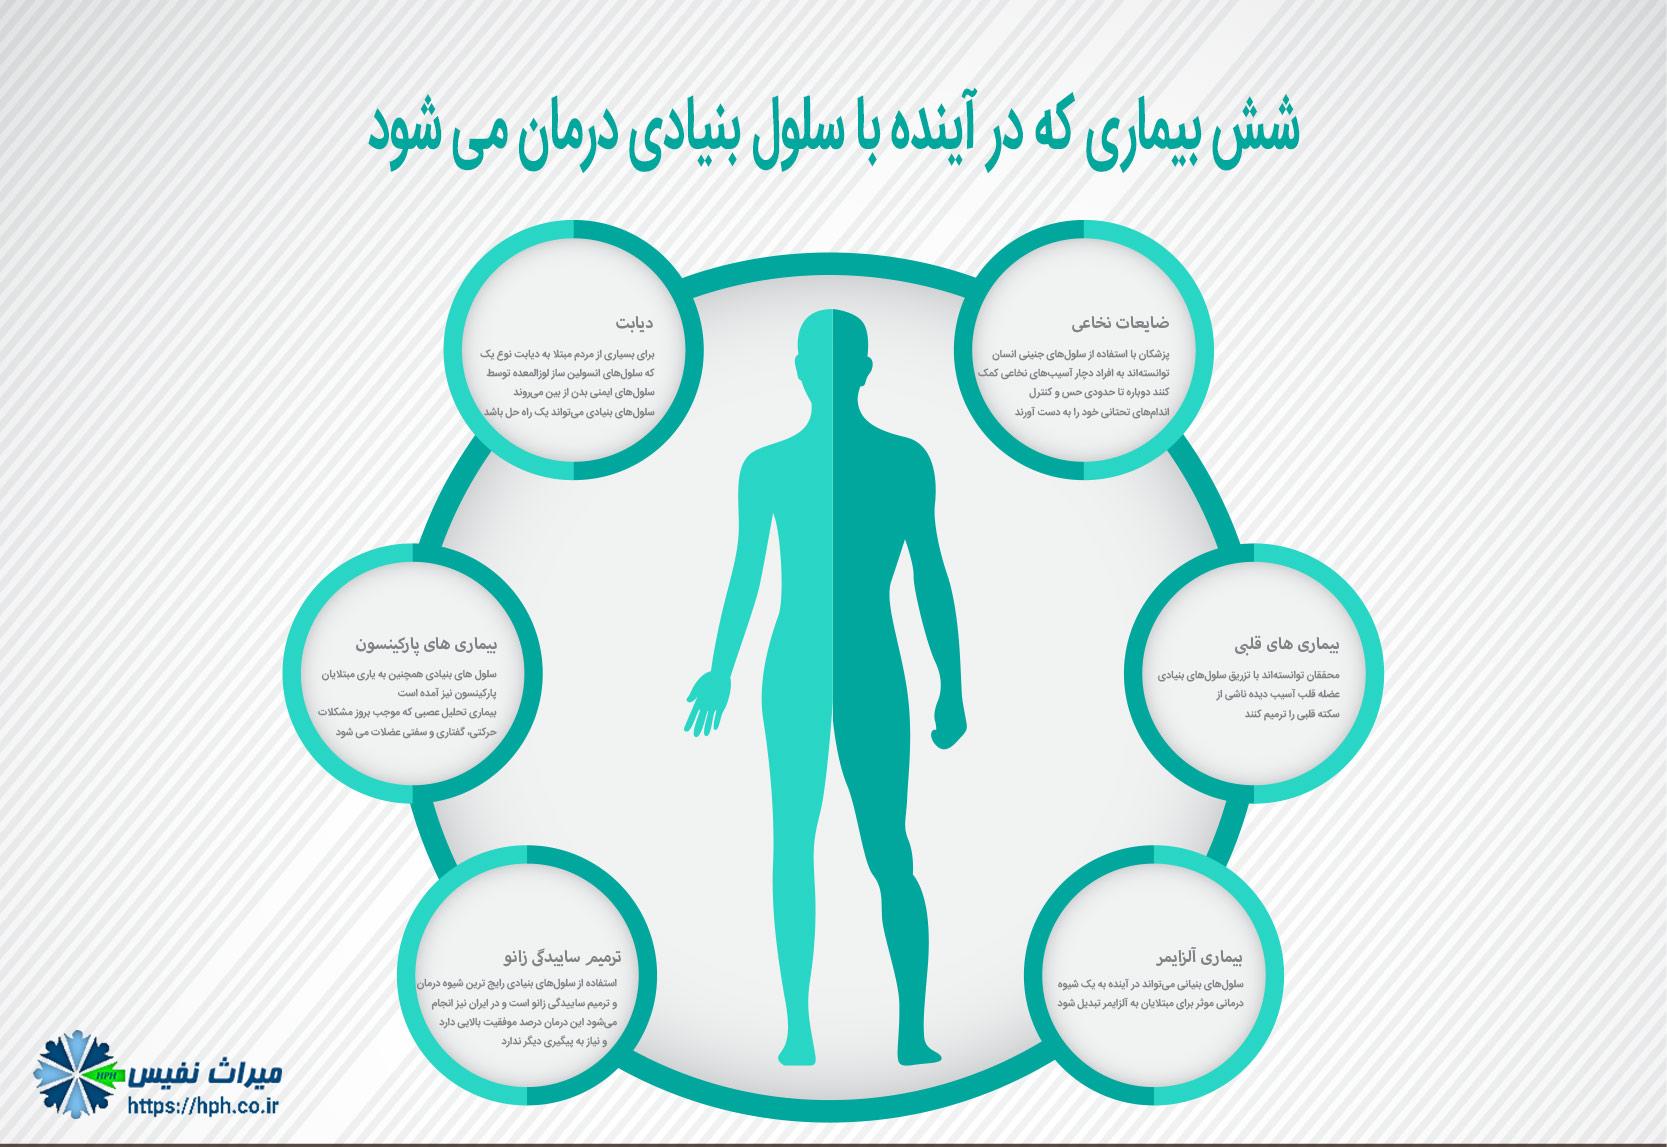 بیماری هایی که می تواند با سلول بنیادی درمان شود